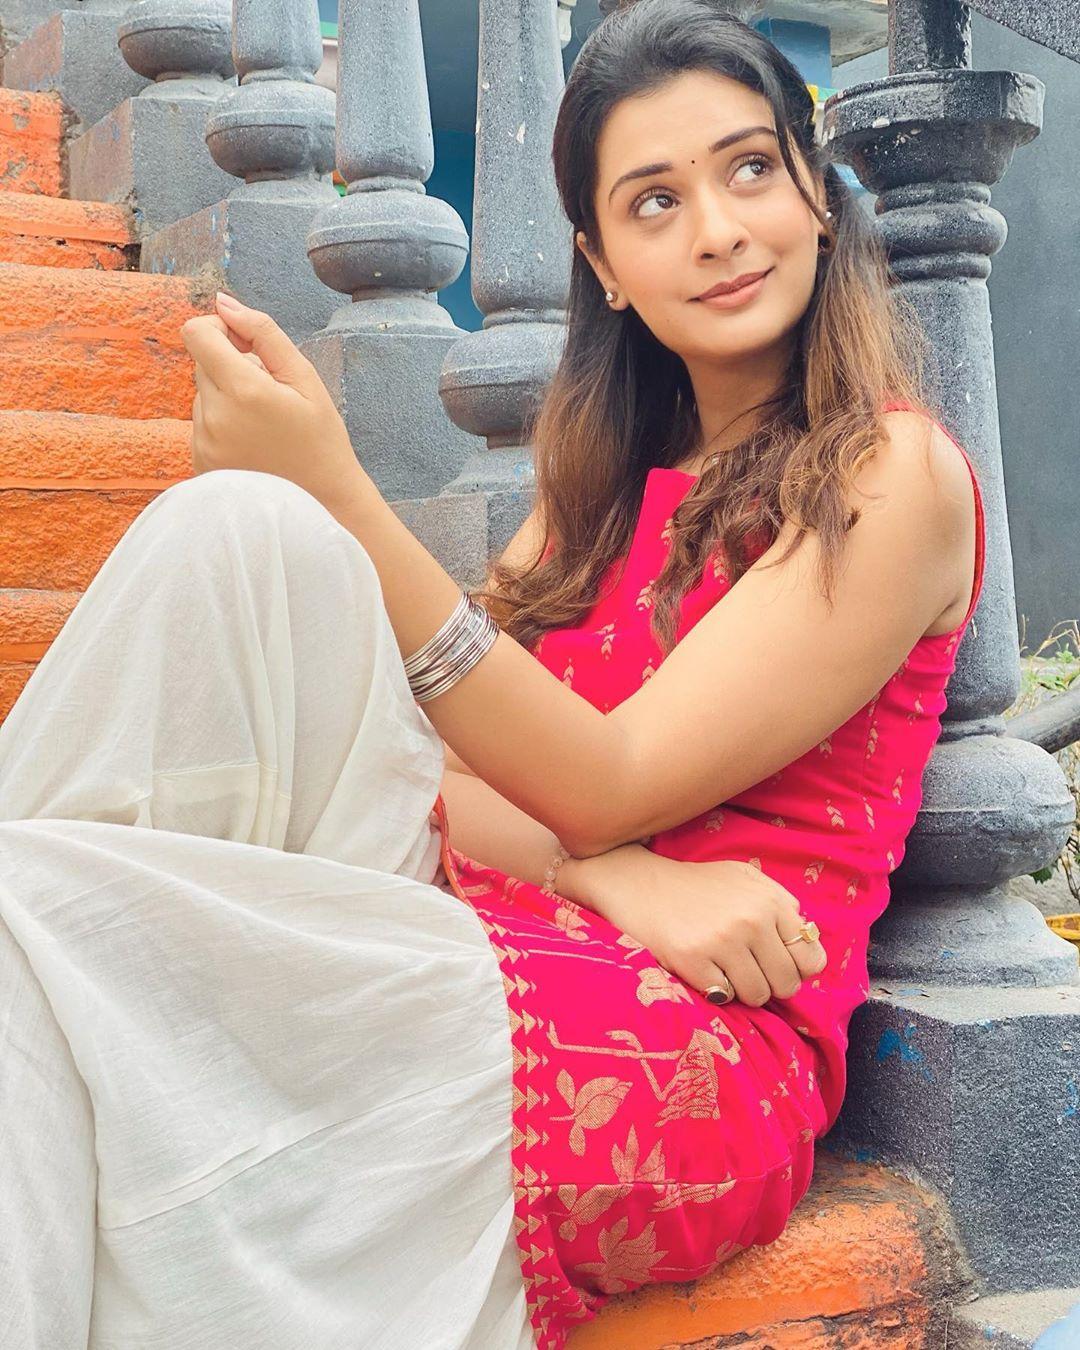 పాయల్ రాజ్పుత్ (Photo: rajputpaayal/Instagram)